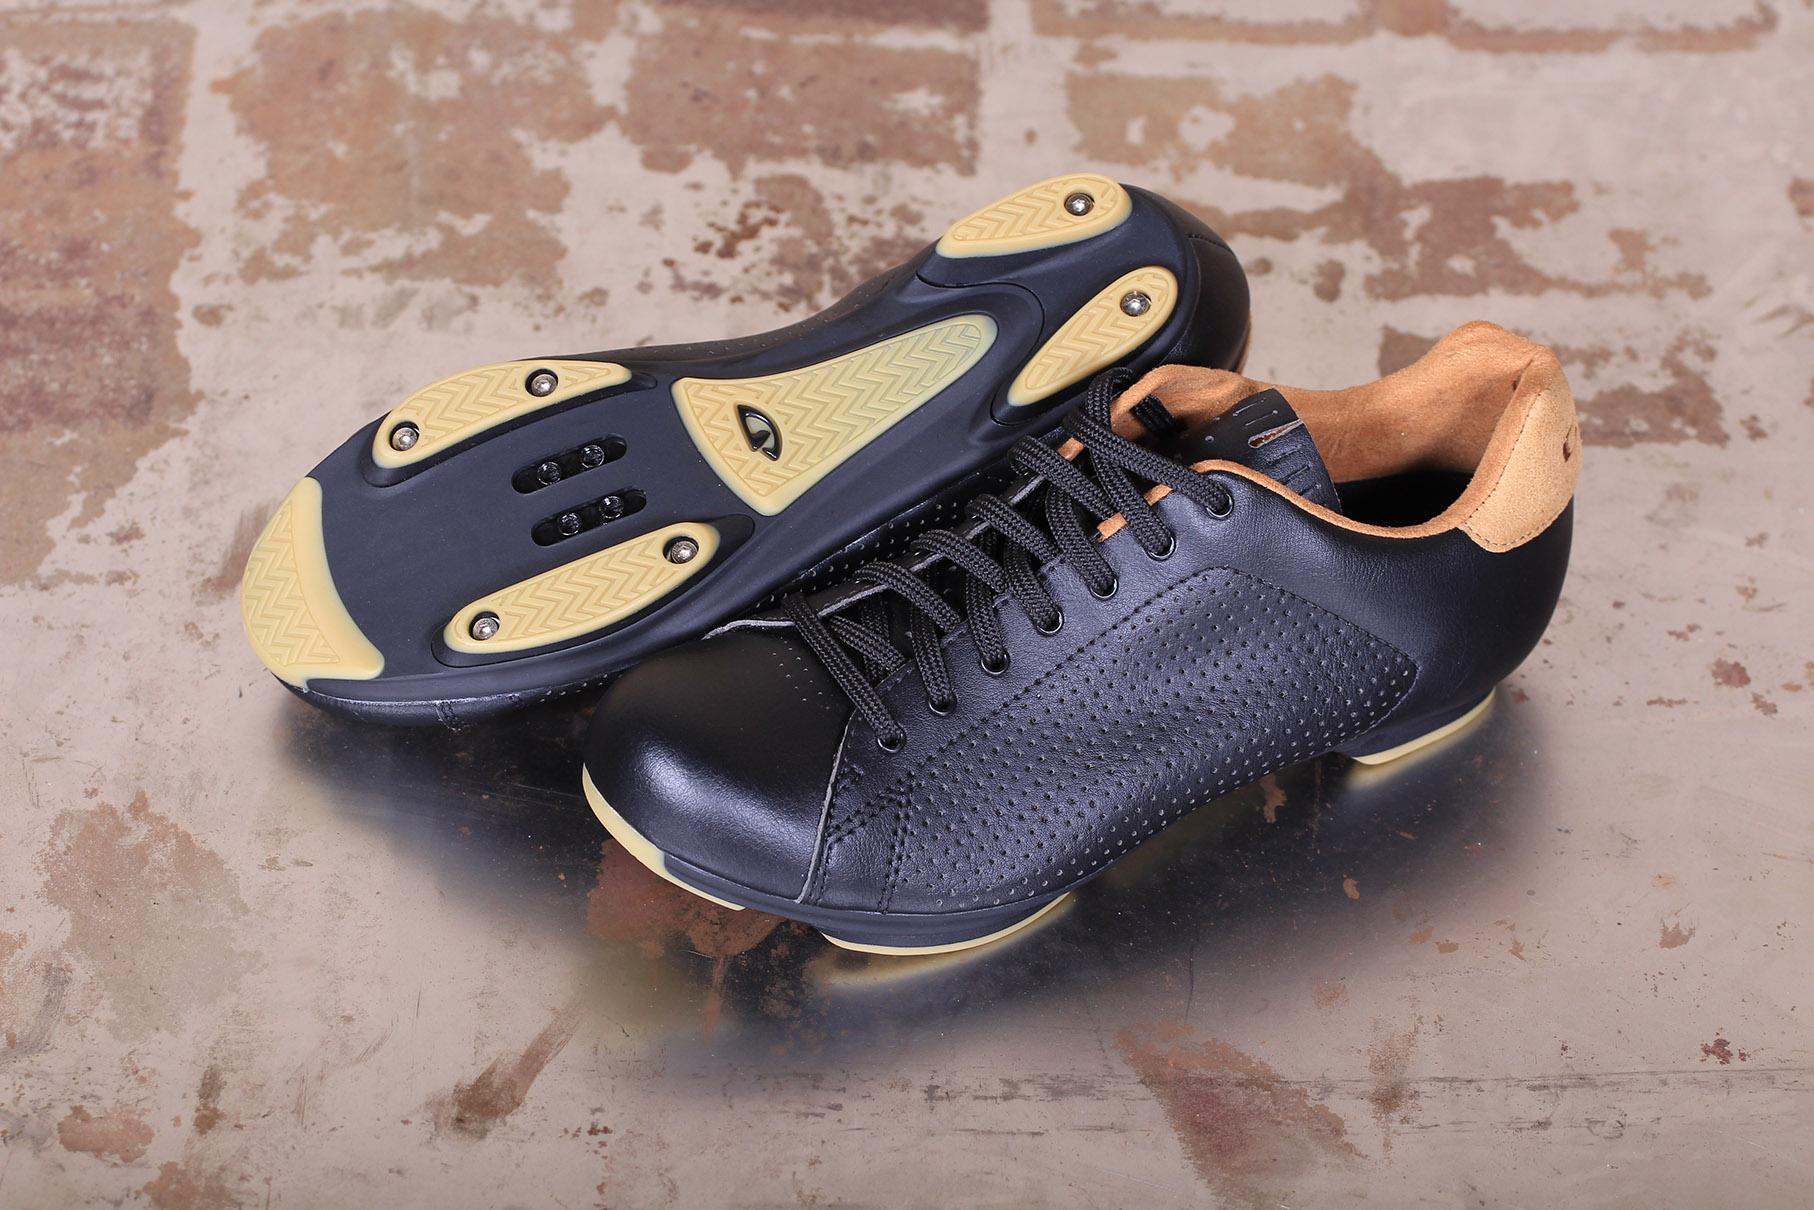 Giro Womens Cycling Shoes